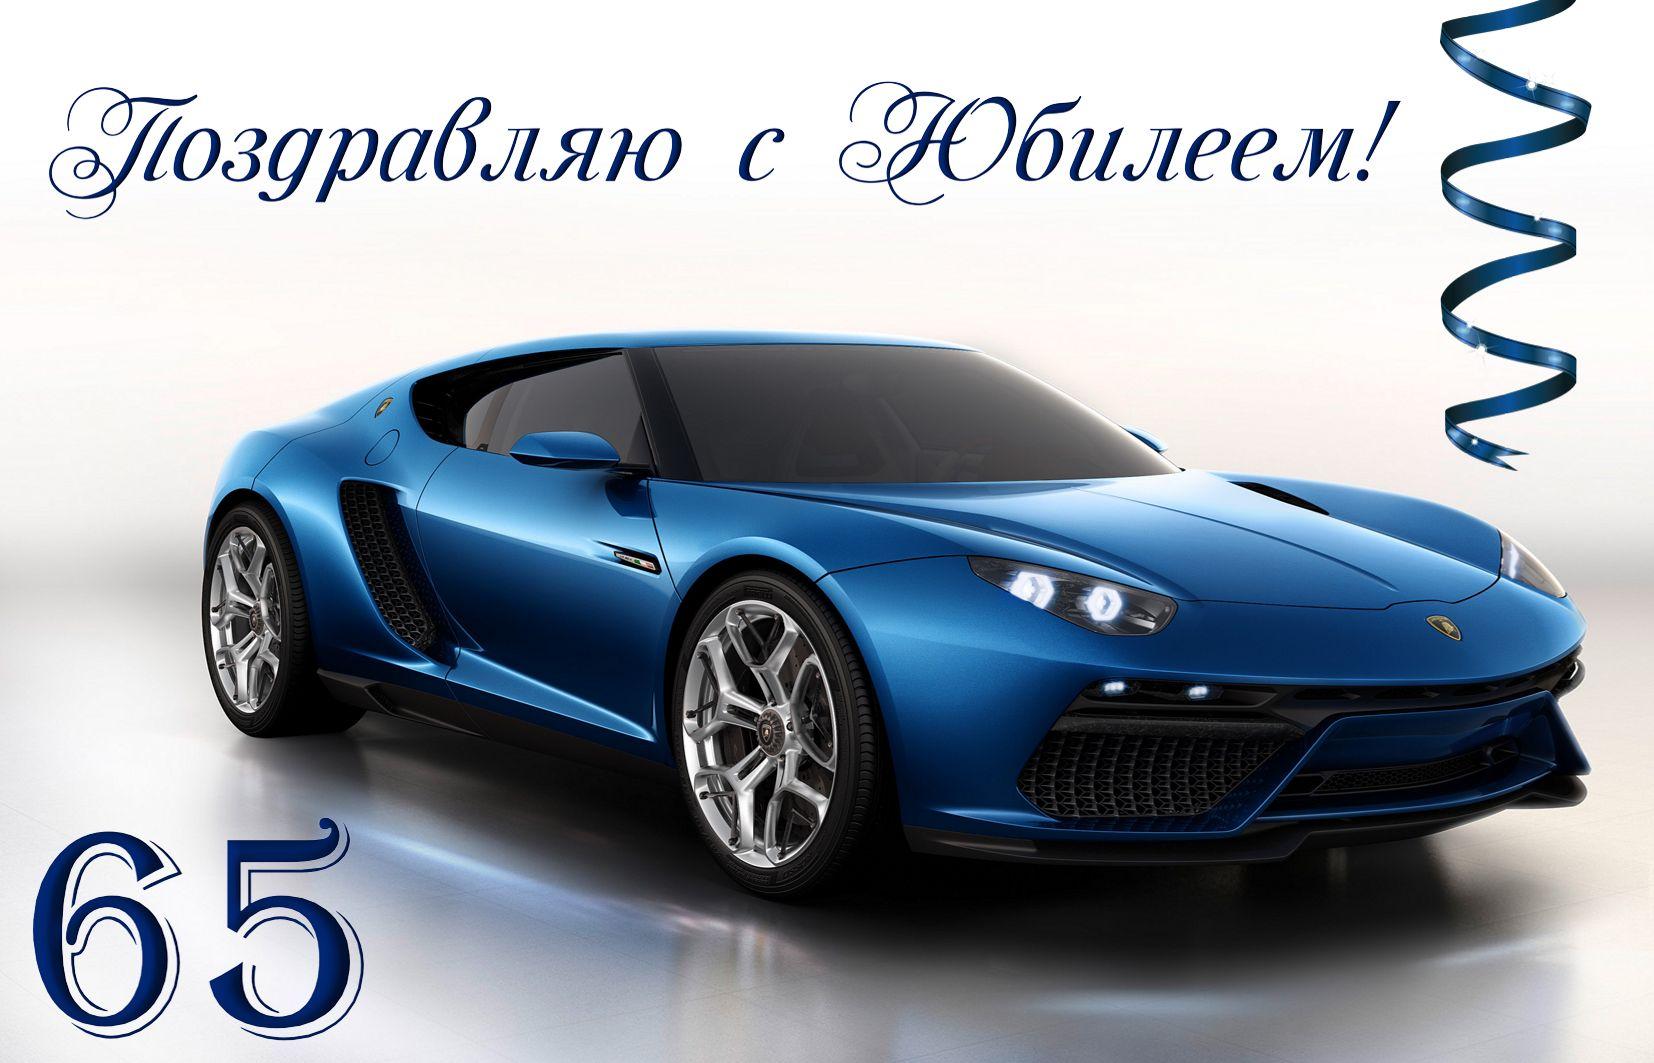 Синяя спортивная машина на юбилей 65 лет